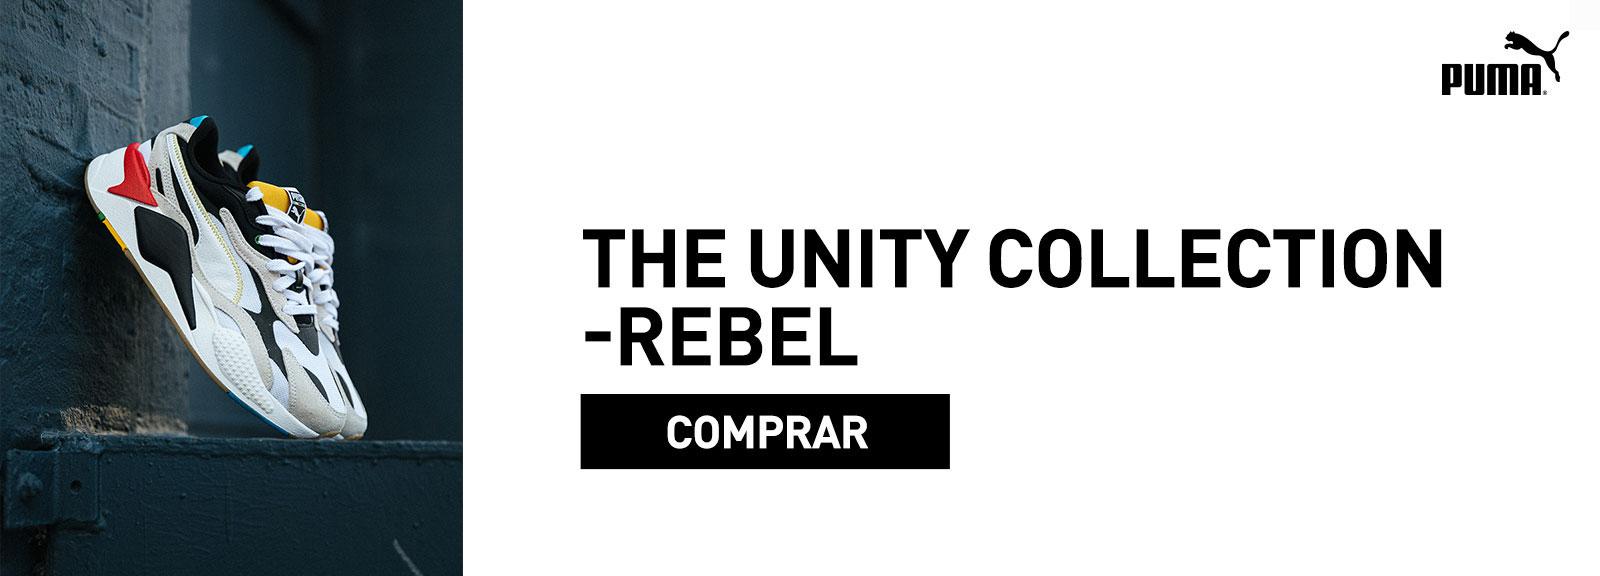 Unity grid